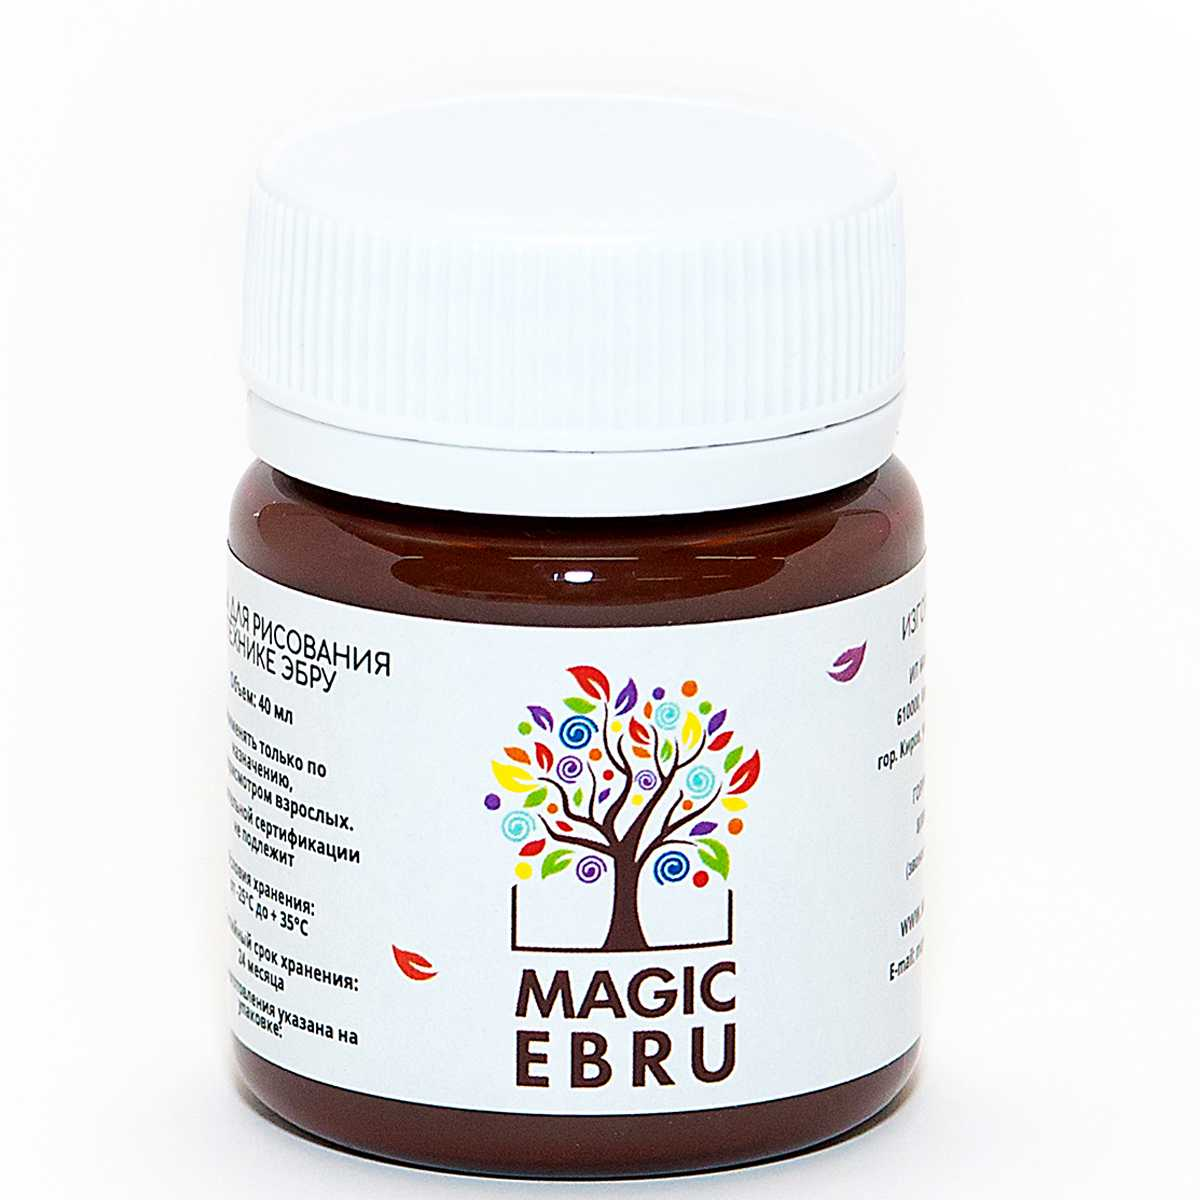 Купить Краска Magic EBRU 40 мл, коричневая, Россия